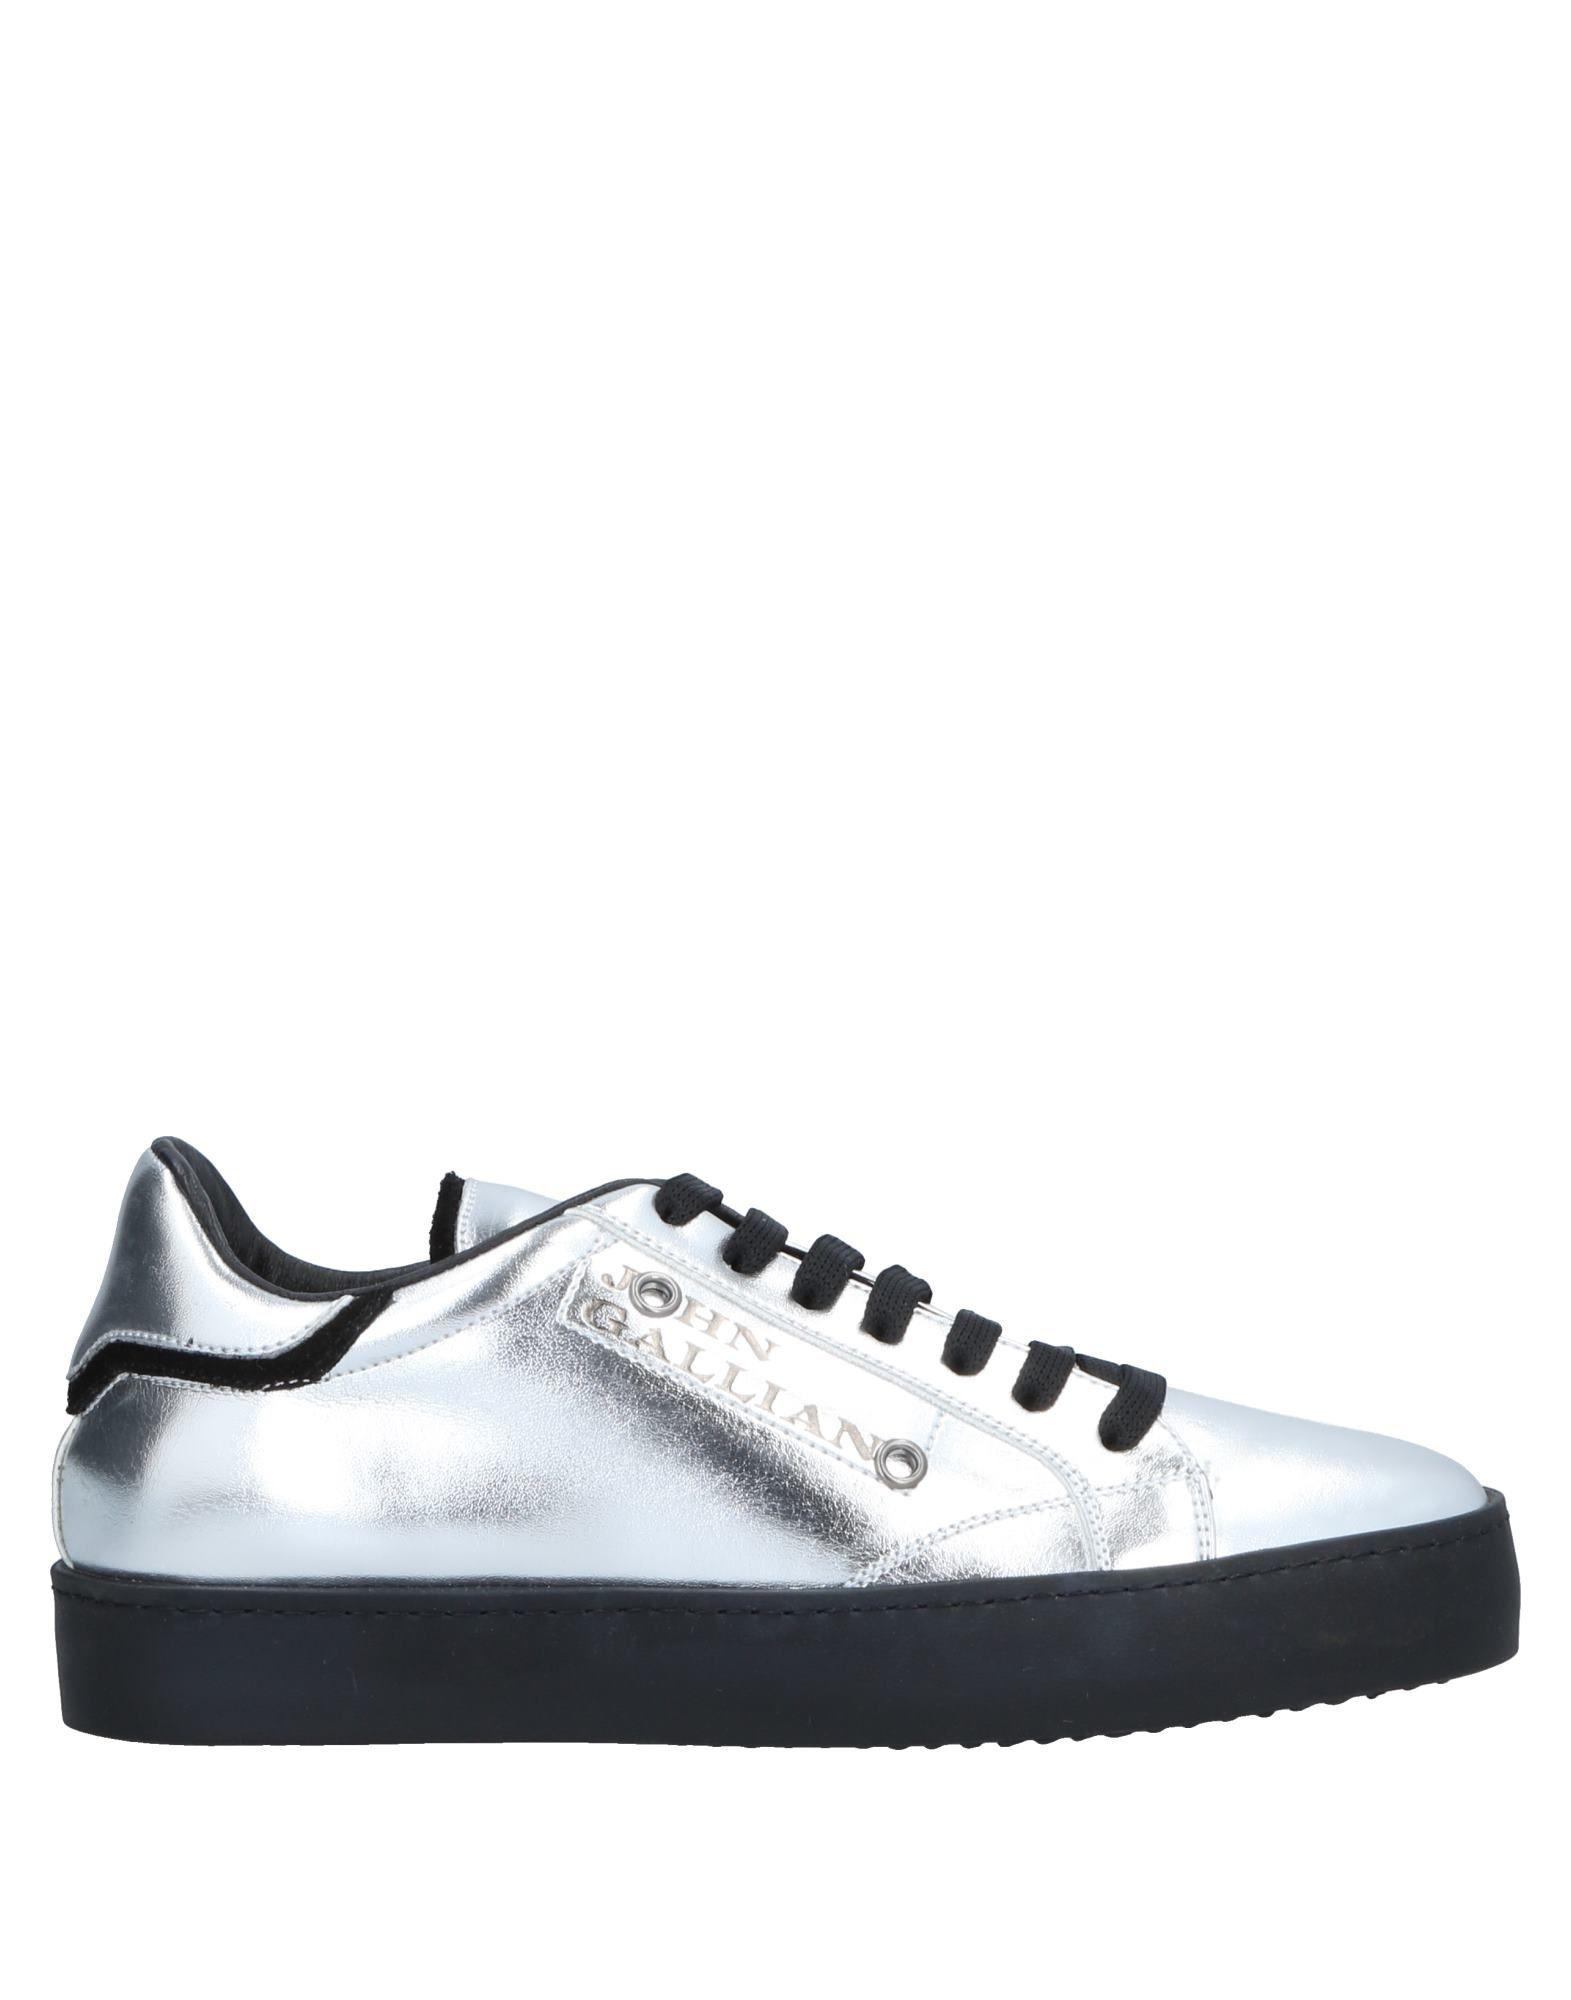 Rabatt Schuhe John Galliano Sneakers Damen  11516637PC